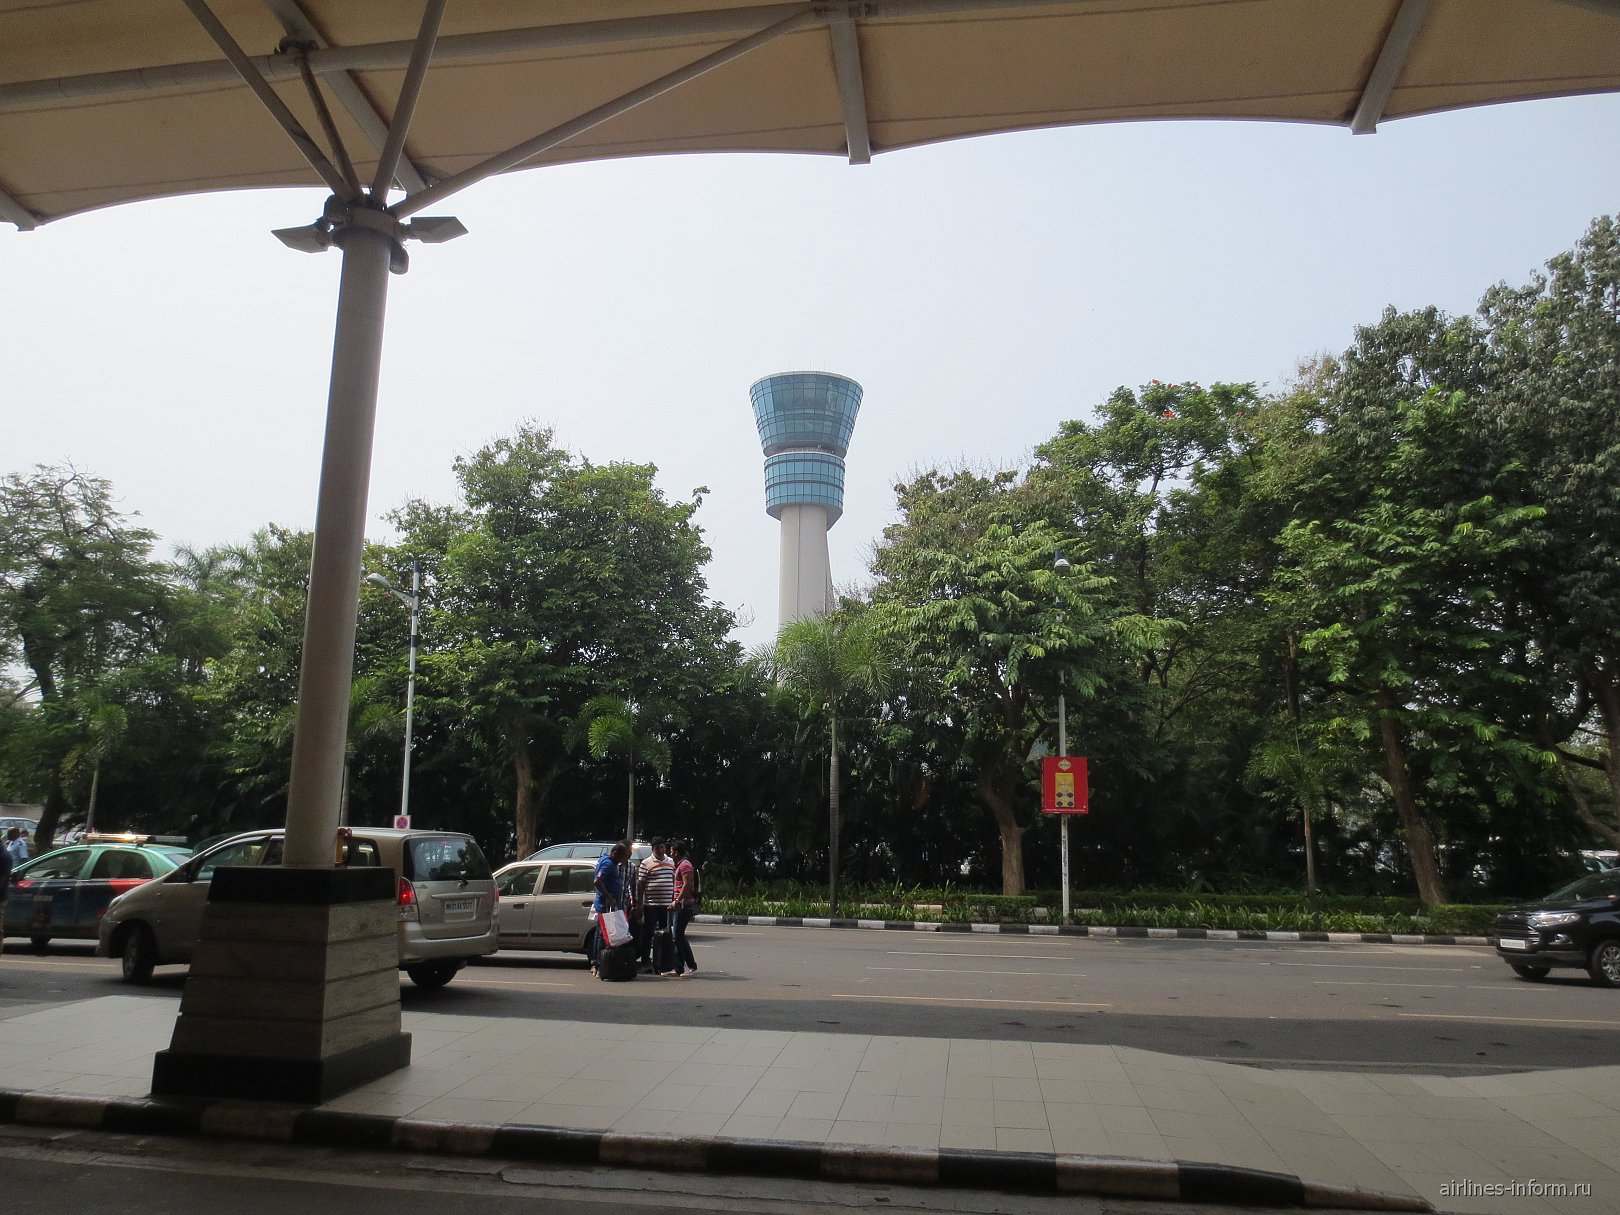 Диспетчерская башня аэропорта Мумбай